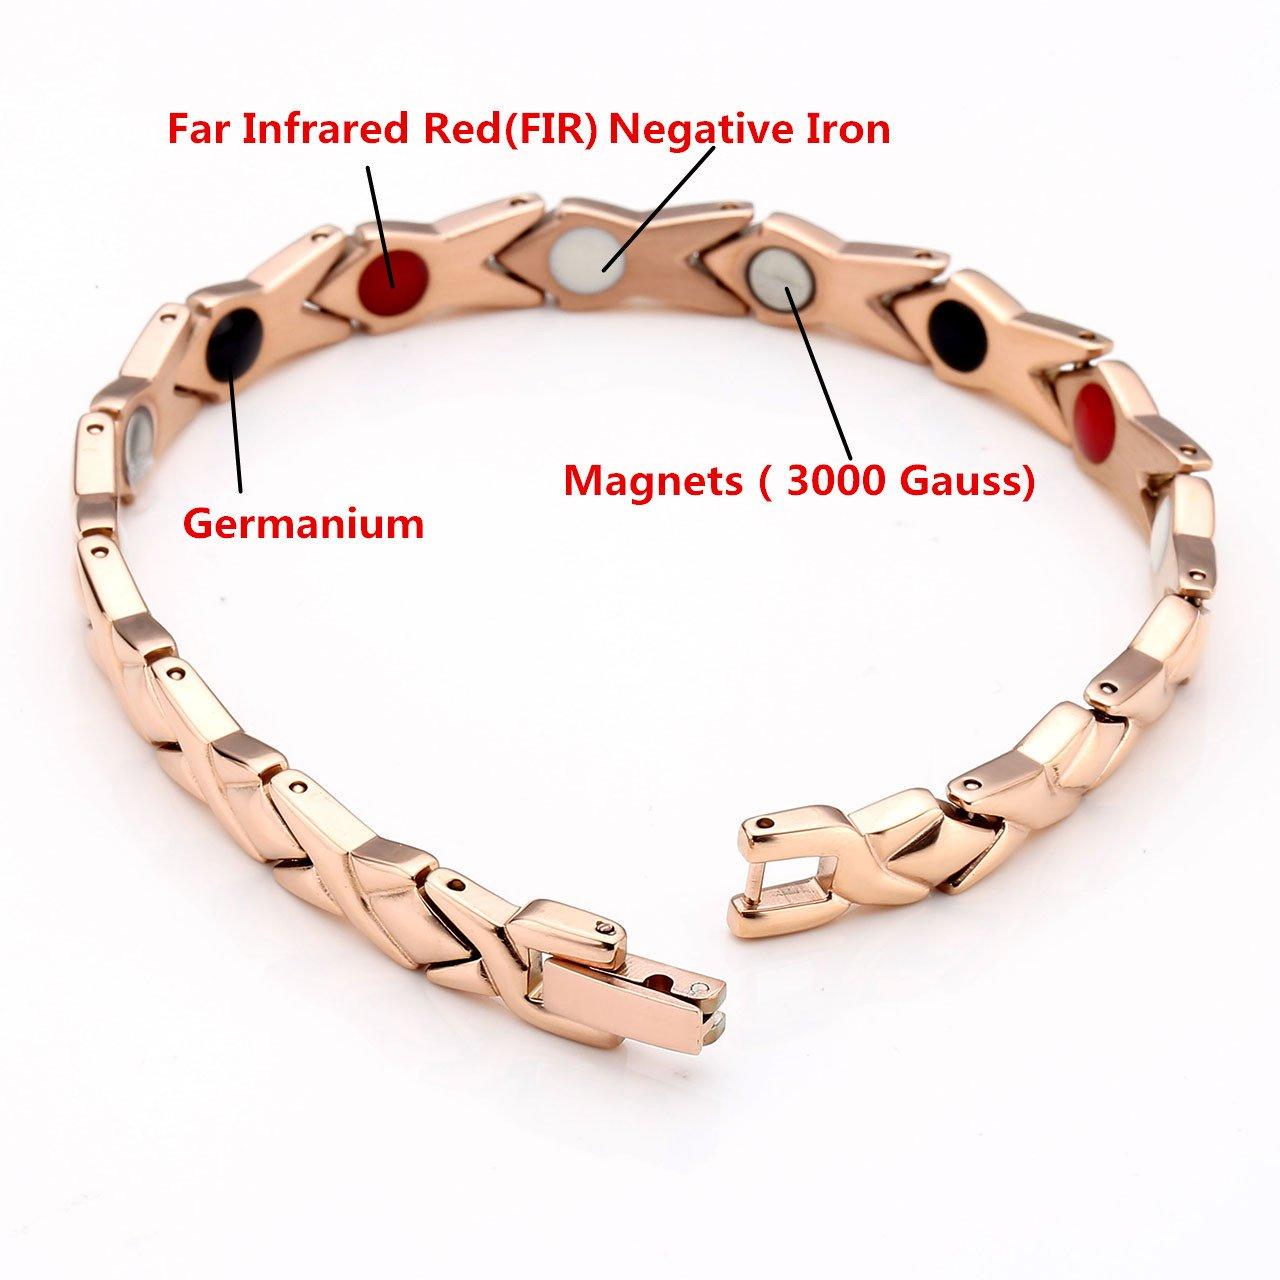 Zysta Bracciale Unisex Braccialetto della salute Anti-fatica 4 in 1 magnetico ioni negativi infrarossi germanio in Acciaio Inossidabile - Oro